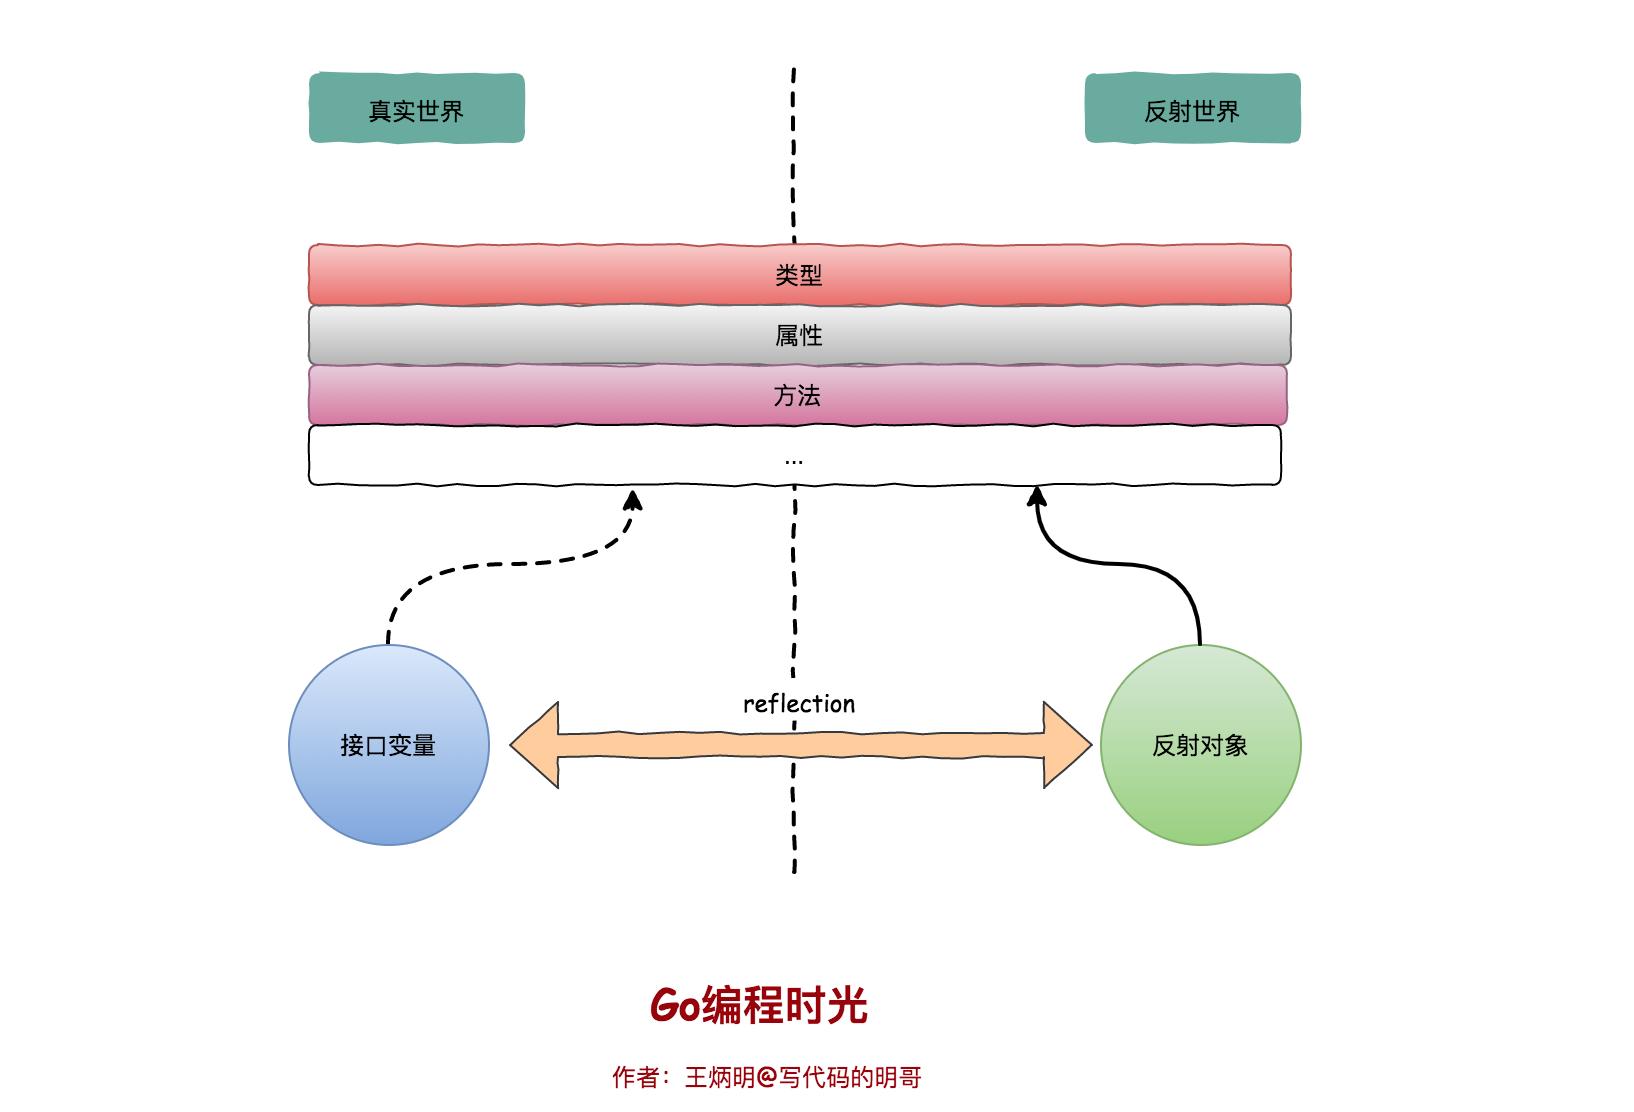 零基础学 Go 语言(22):图解反射三定律插图